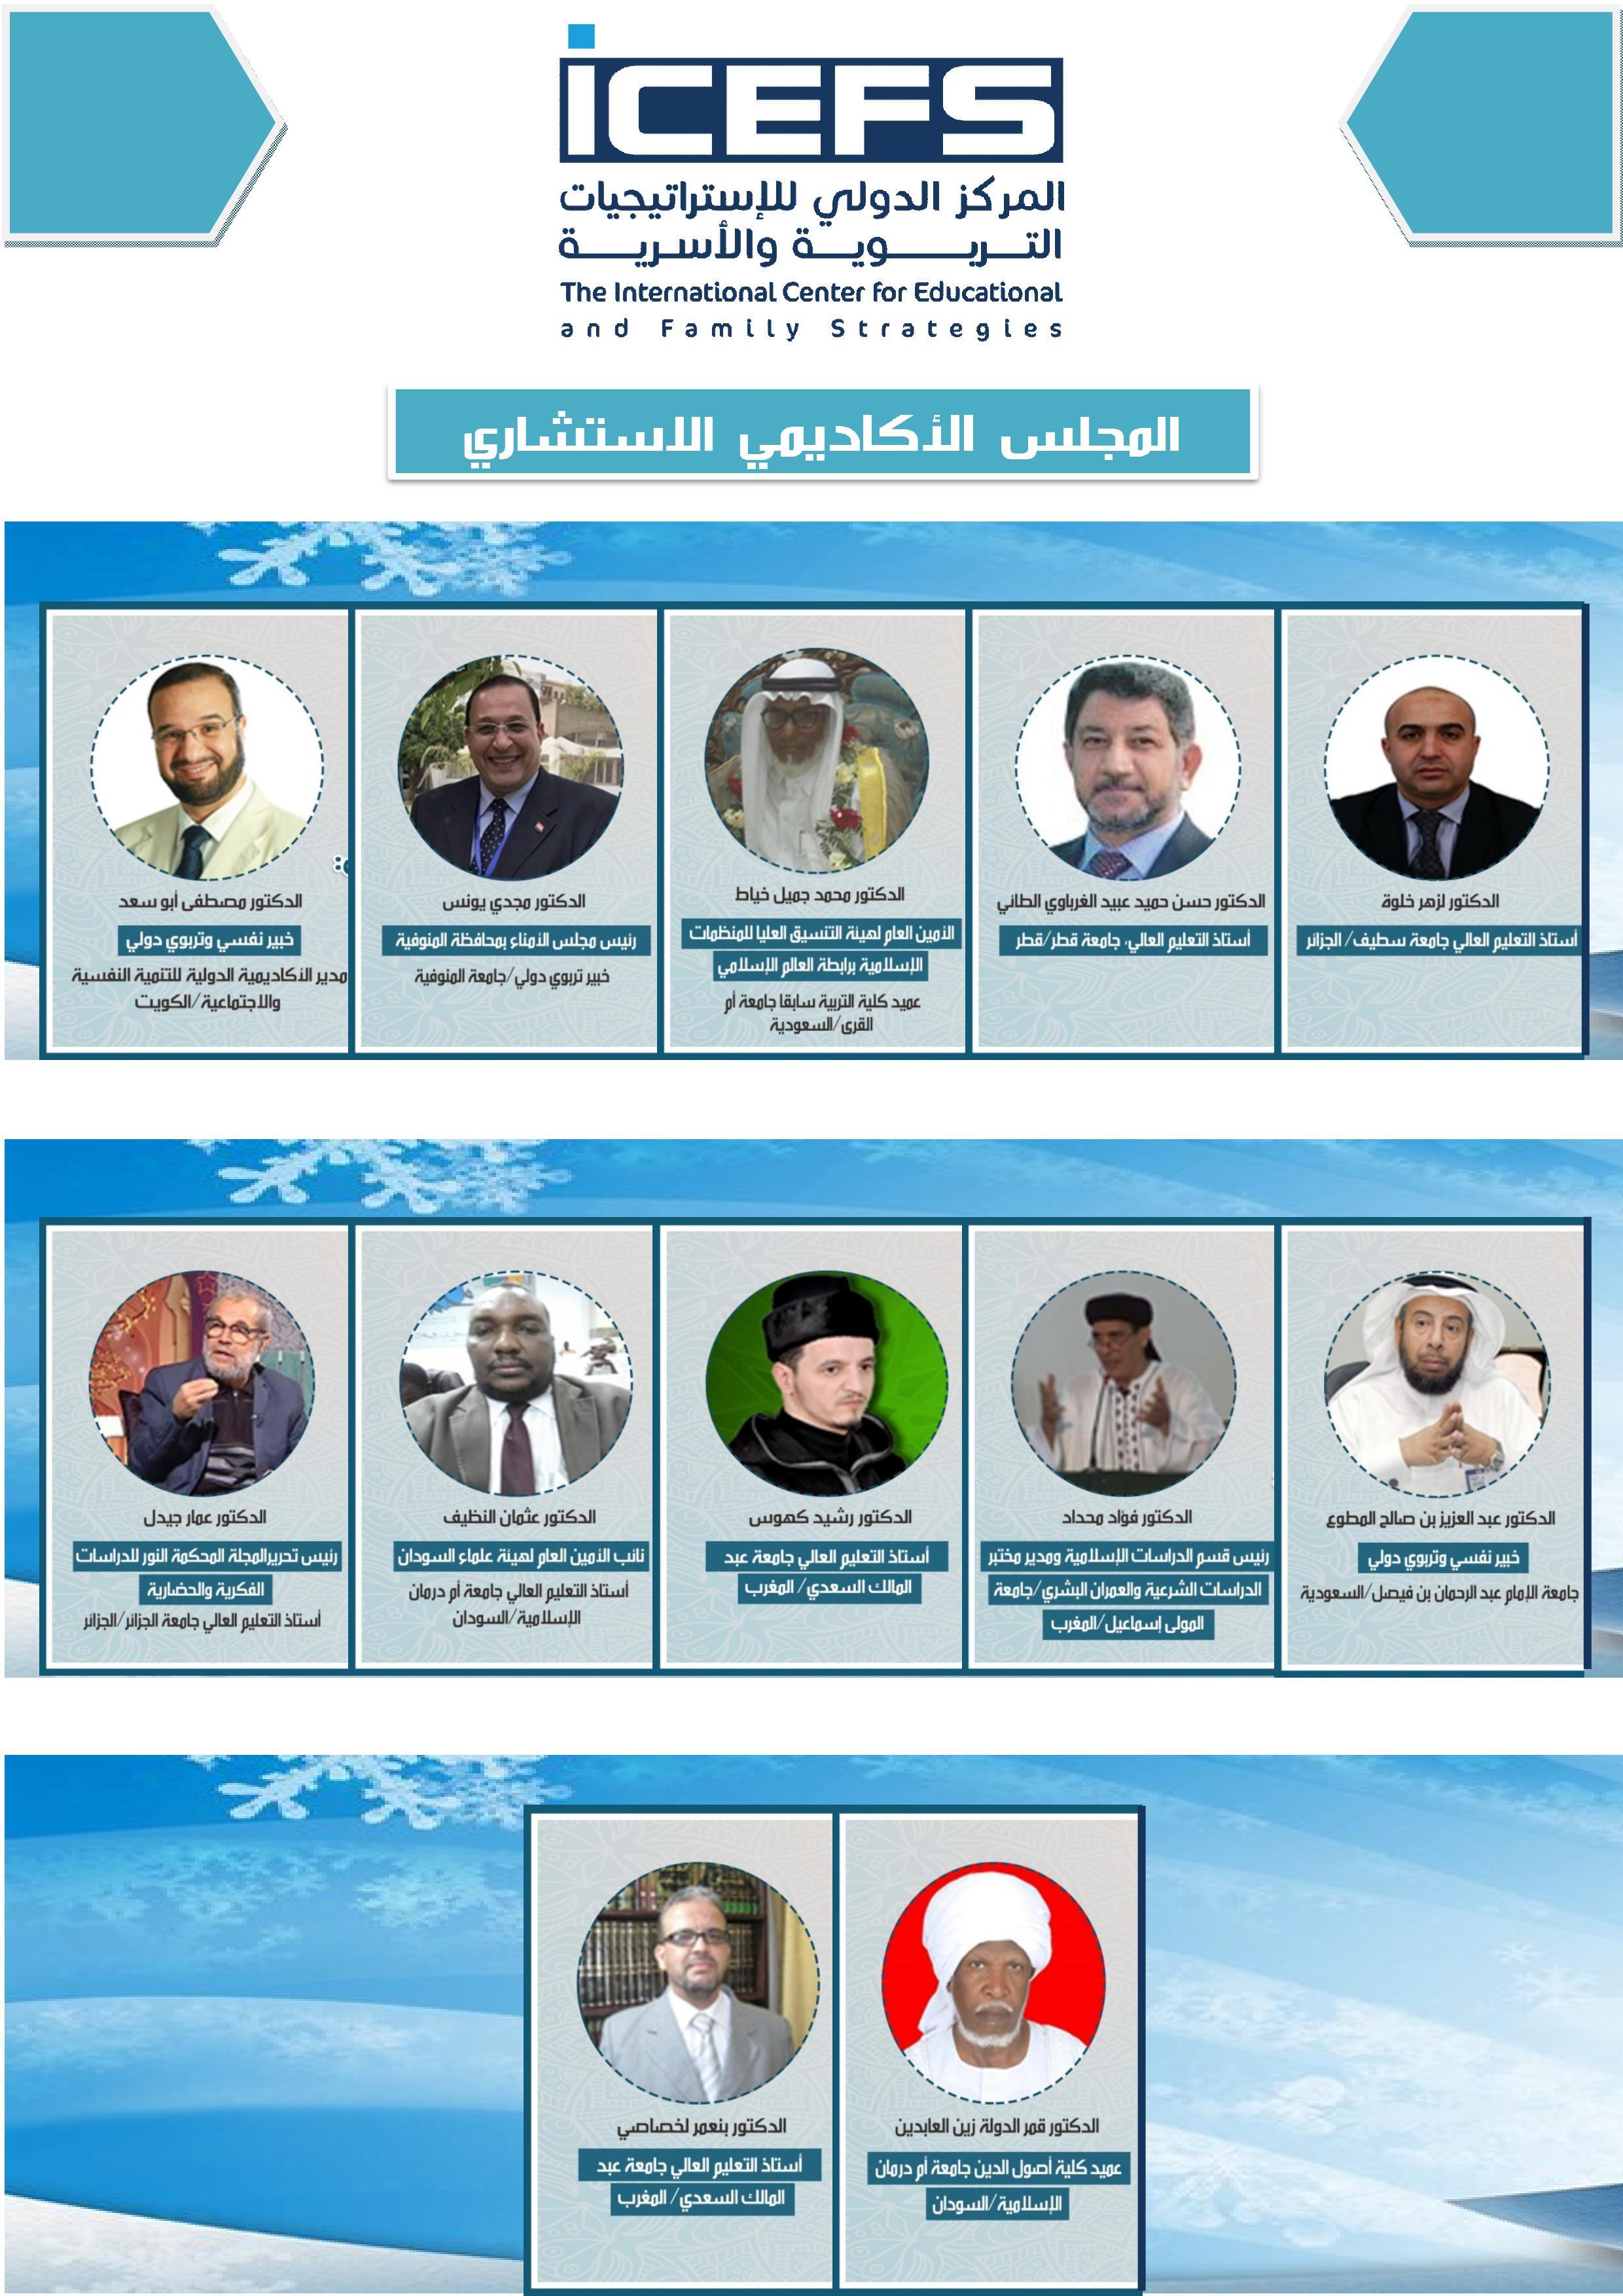 ملصق جديد لأعضاء المجلس الأكاديمي